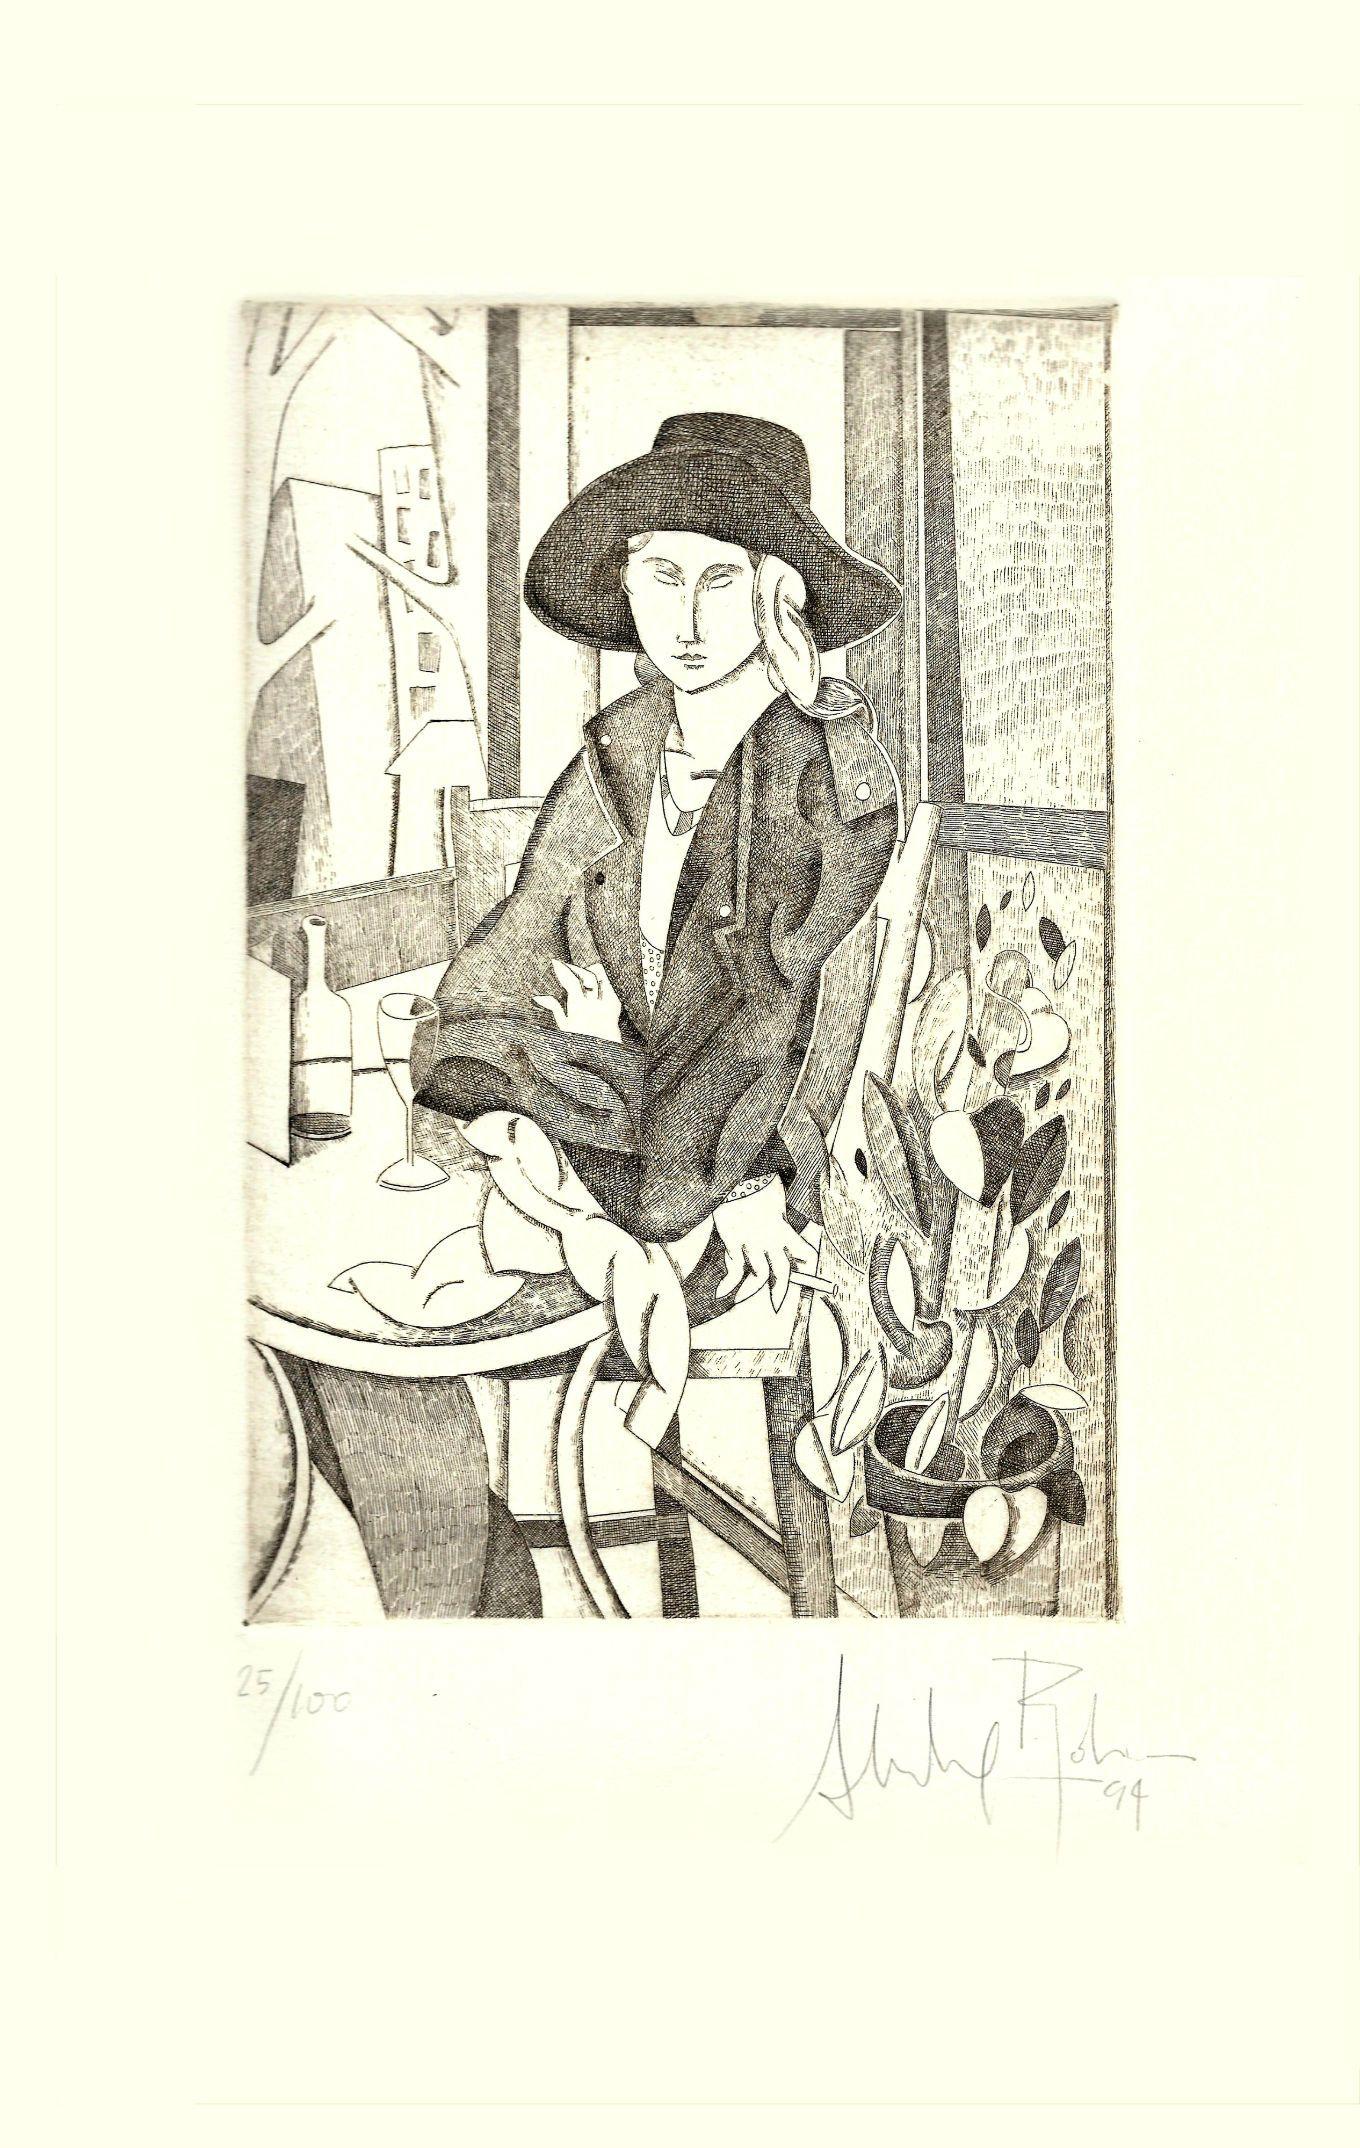 """AUTOR: Alfredo Roldán LUGAR DE NACIMIENTO: Madrid, 1965 """"Esperando en el café""""  MATERIAL DE MATRIZ: Plancha de Zinc TECNICA: Aguafuerte TAMAÑO:  40 x 25 cm. TECNICA: Aguafuerte Papel: Super Alfa de la casa Guarro Tirada: 100 ejemplares AÑO: 1994"""